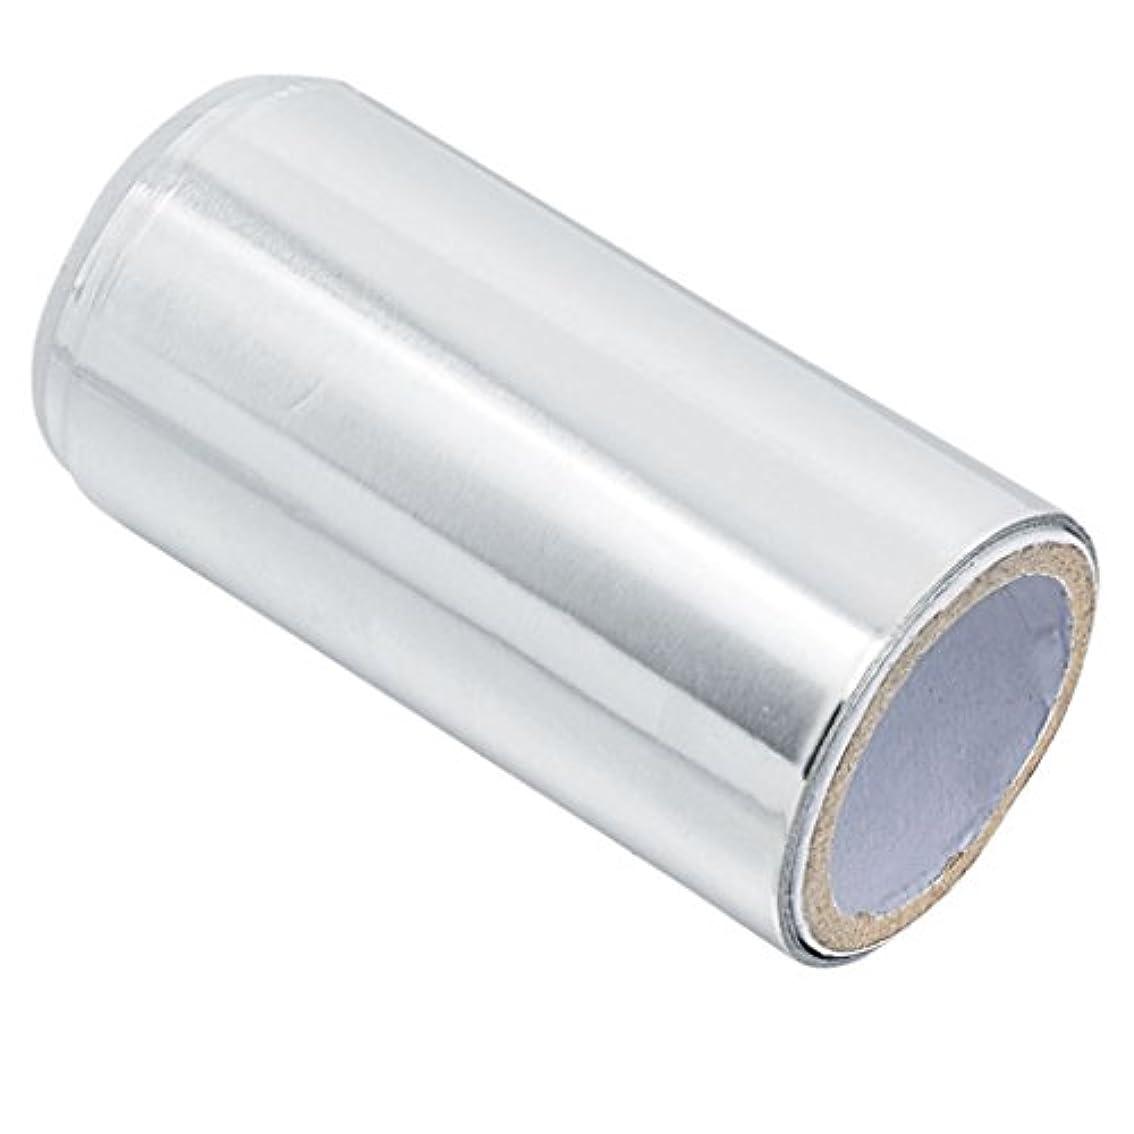 怒って極めて噛むCUTICATE マニキュア錫箔紙 ヘア/ネイル用 ジェル除却 ヘアパーマ 約5m